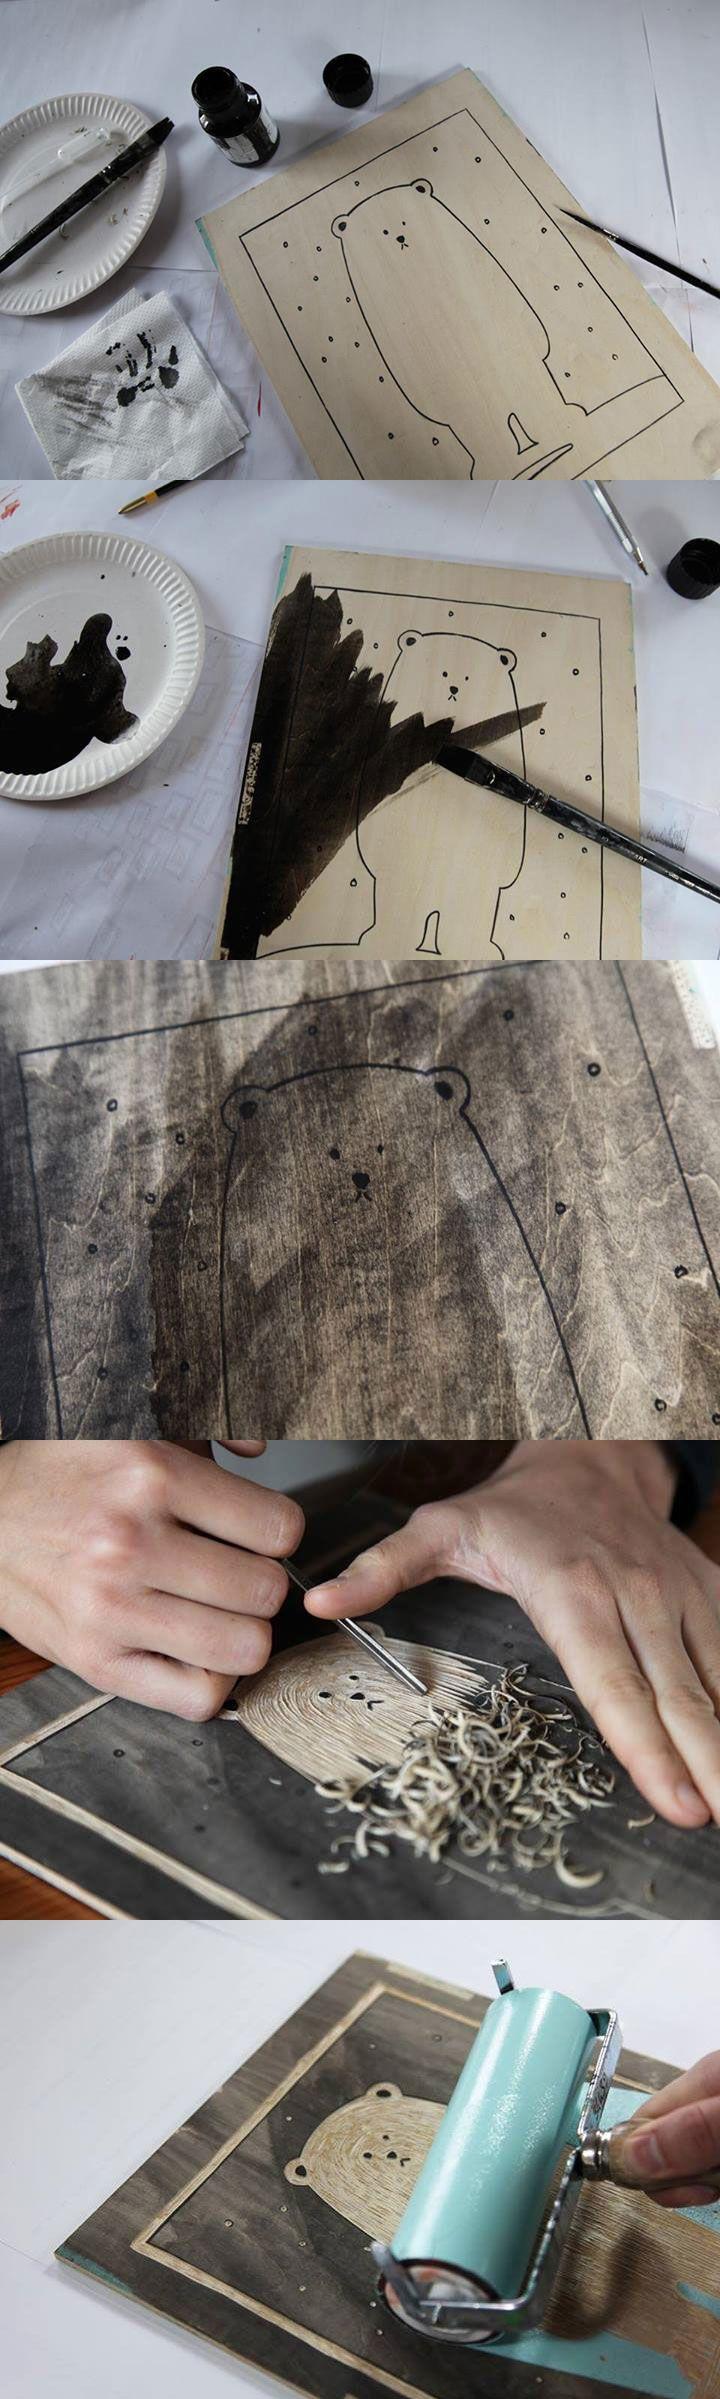 Printing mit Sperrholz, ausprobieren!